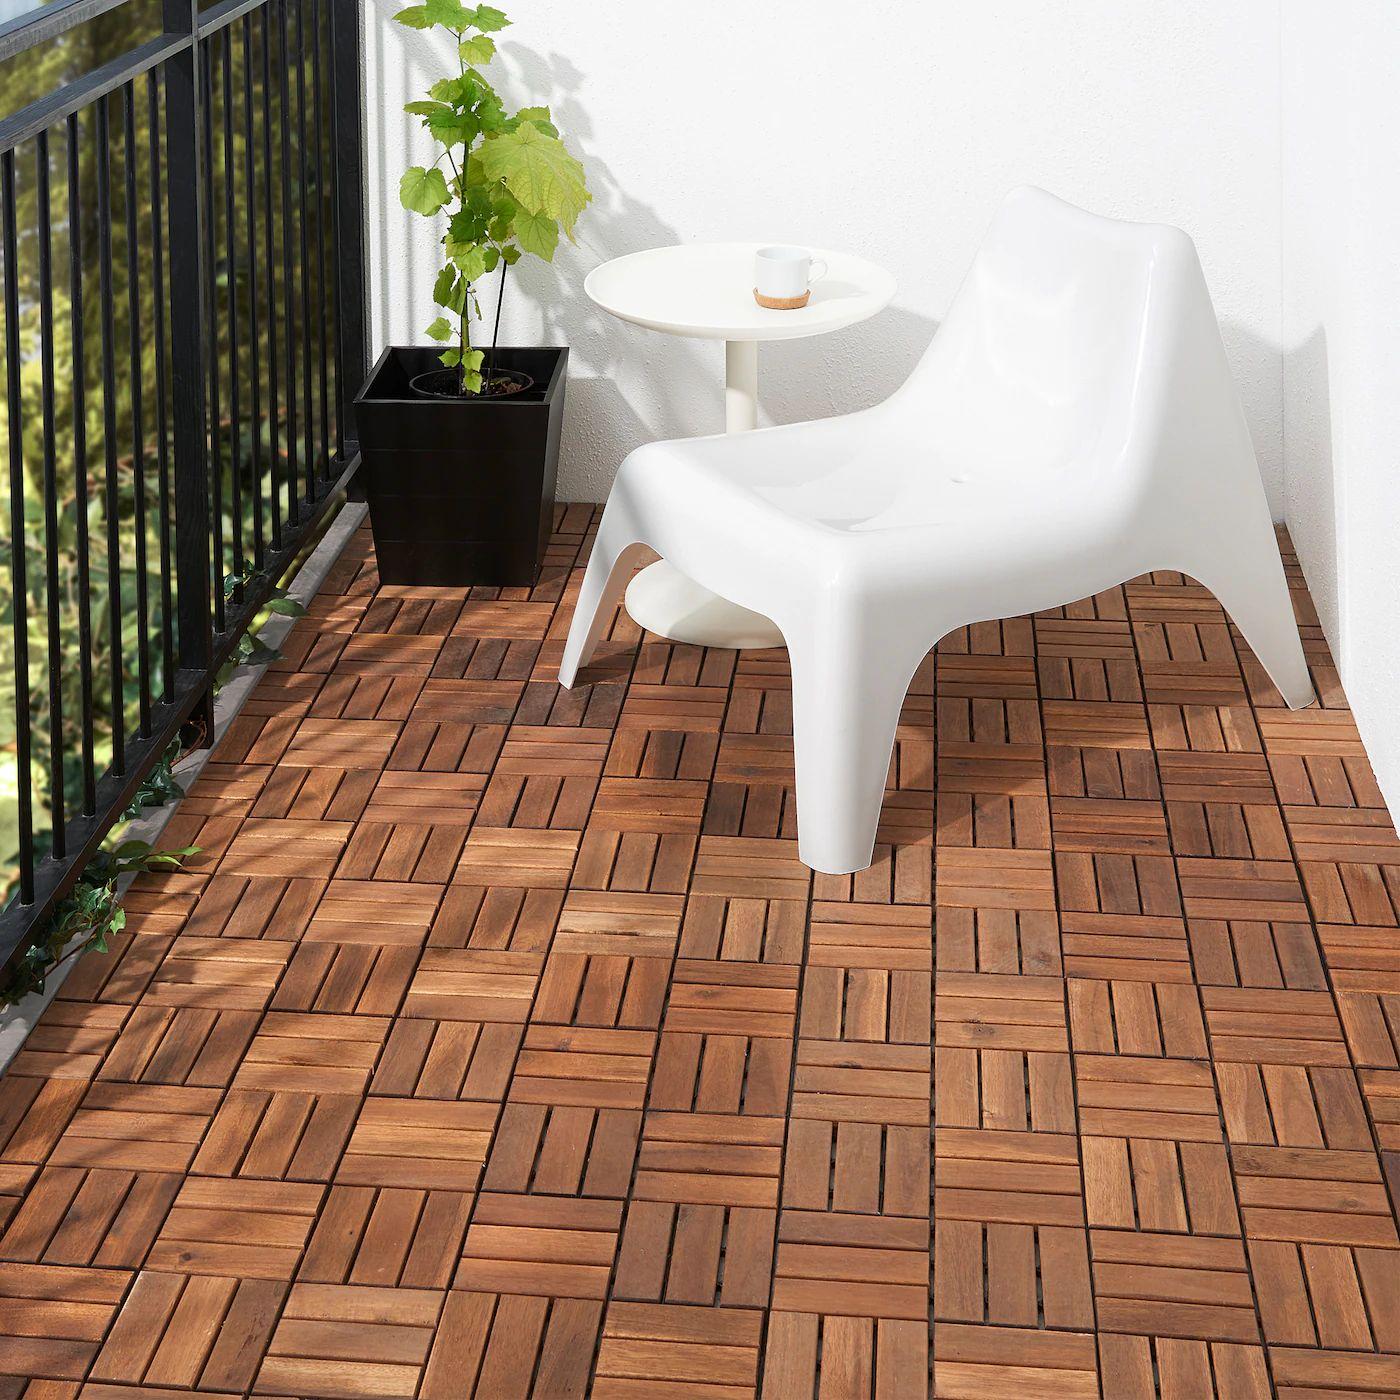 [Ikea Family] Dalle Bois Caillebotis Runnen, teinté brun à 19,99€ le Lot